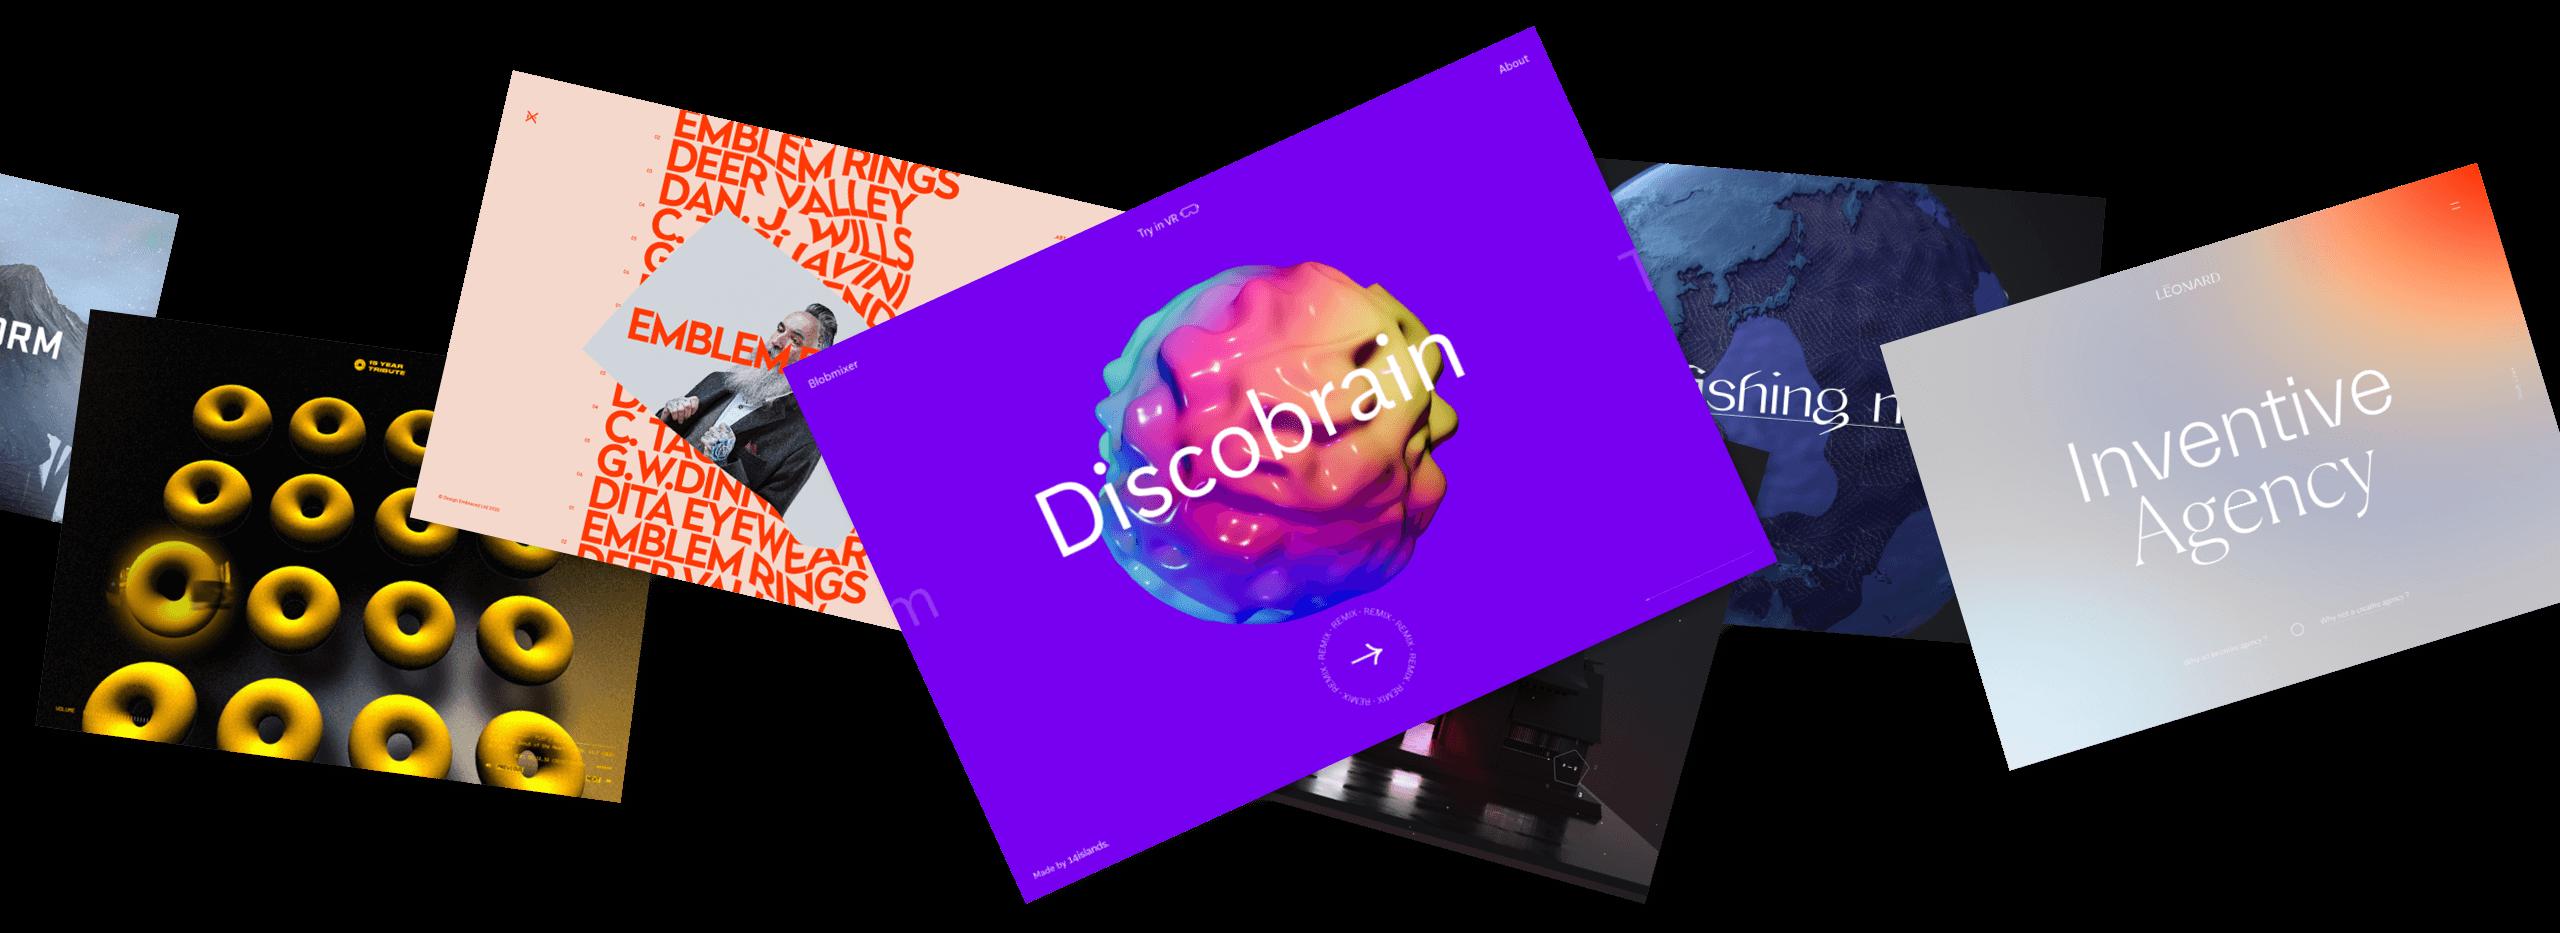 30 Experimental WebGL Websites